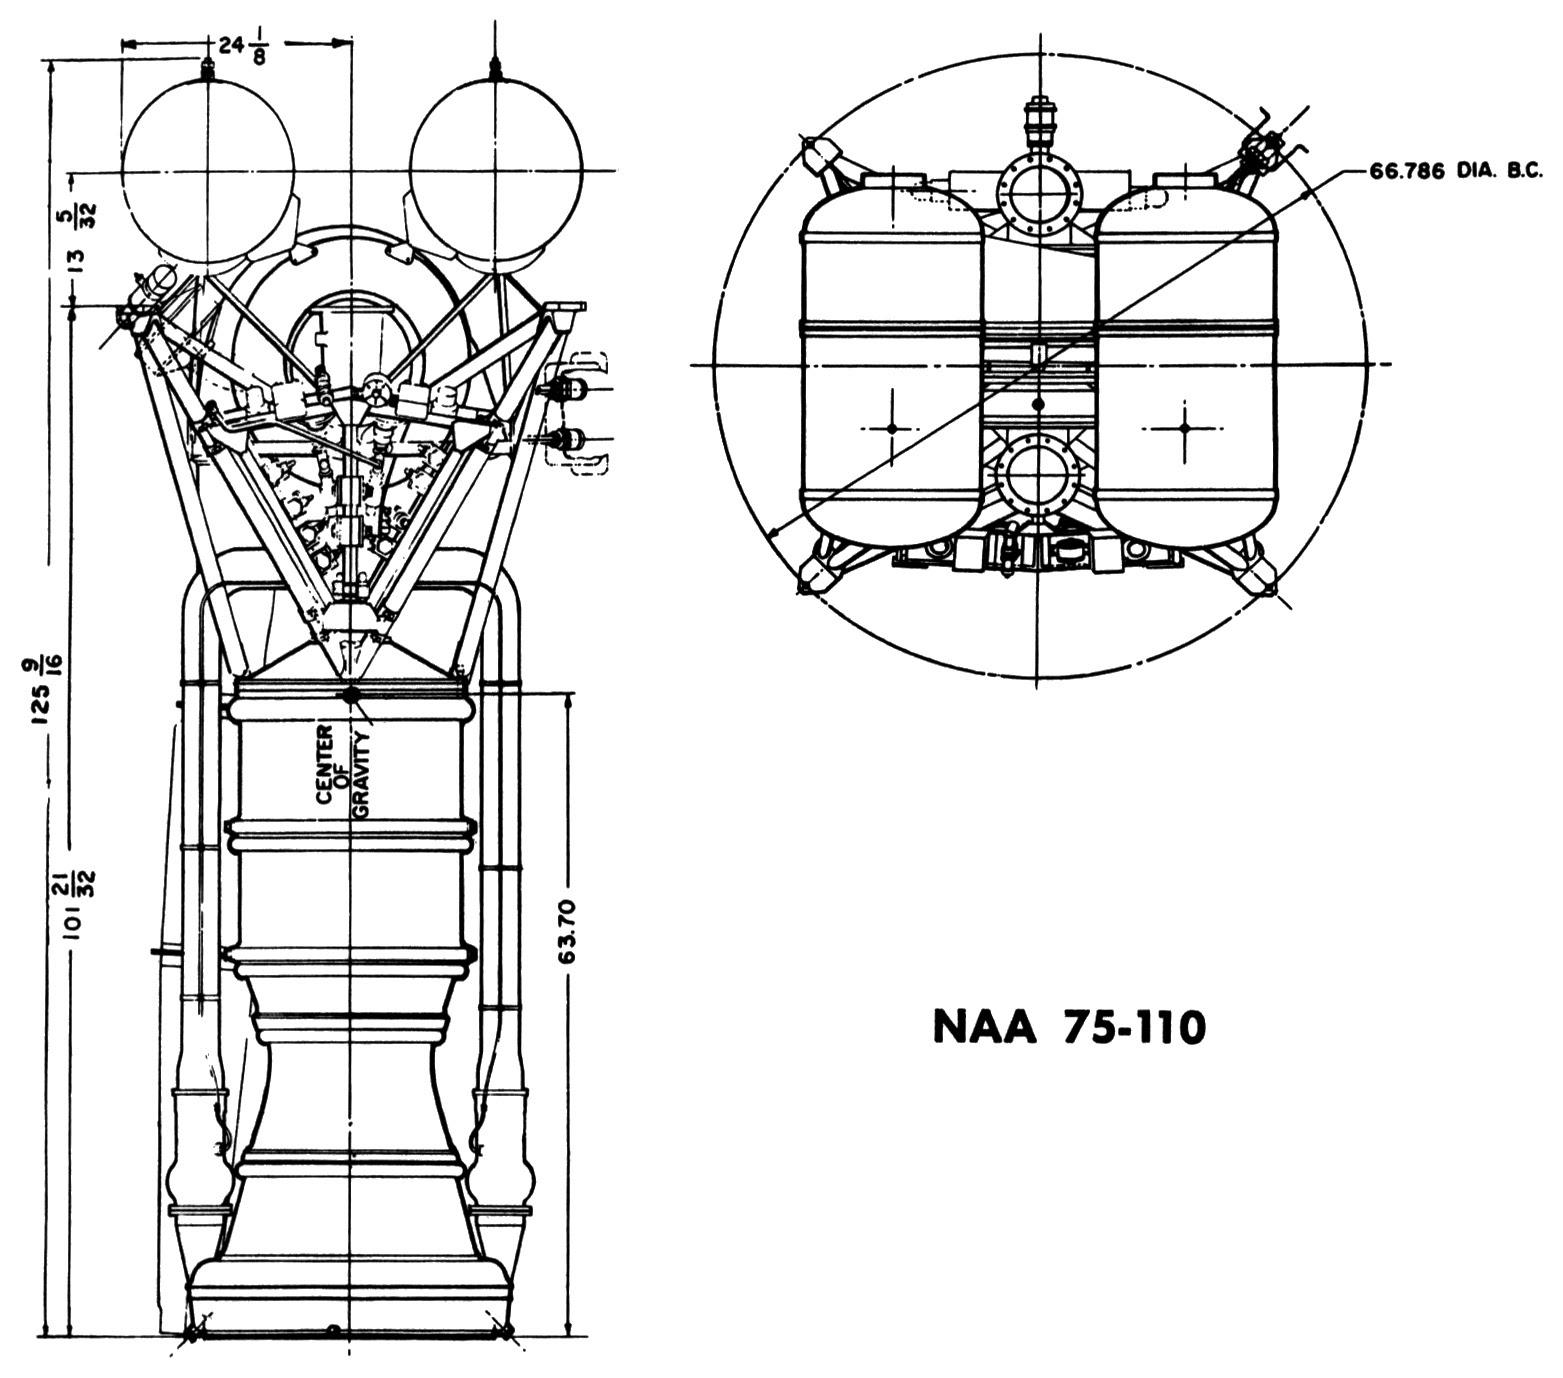 Diagram Of A Model Rocket Engine